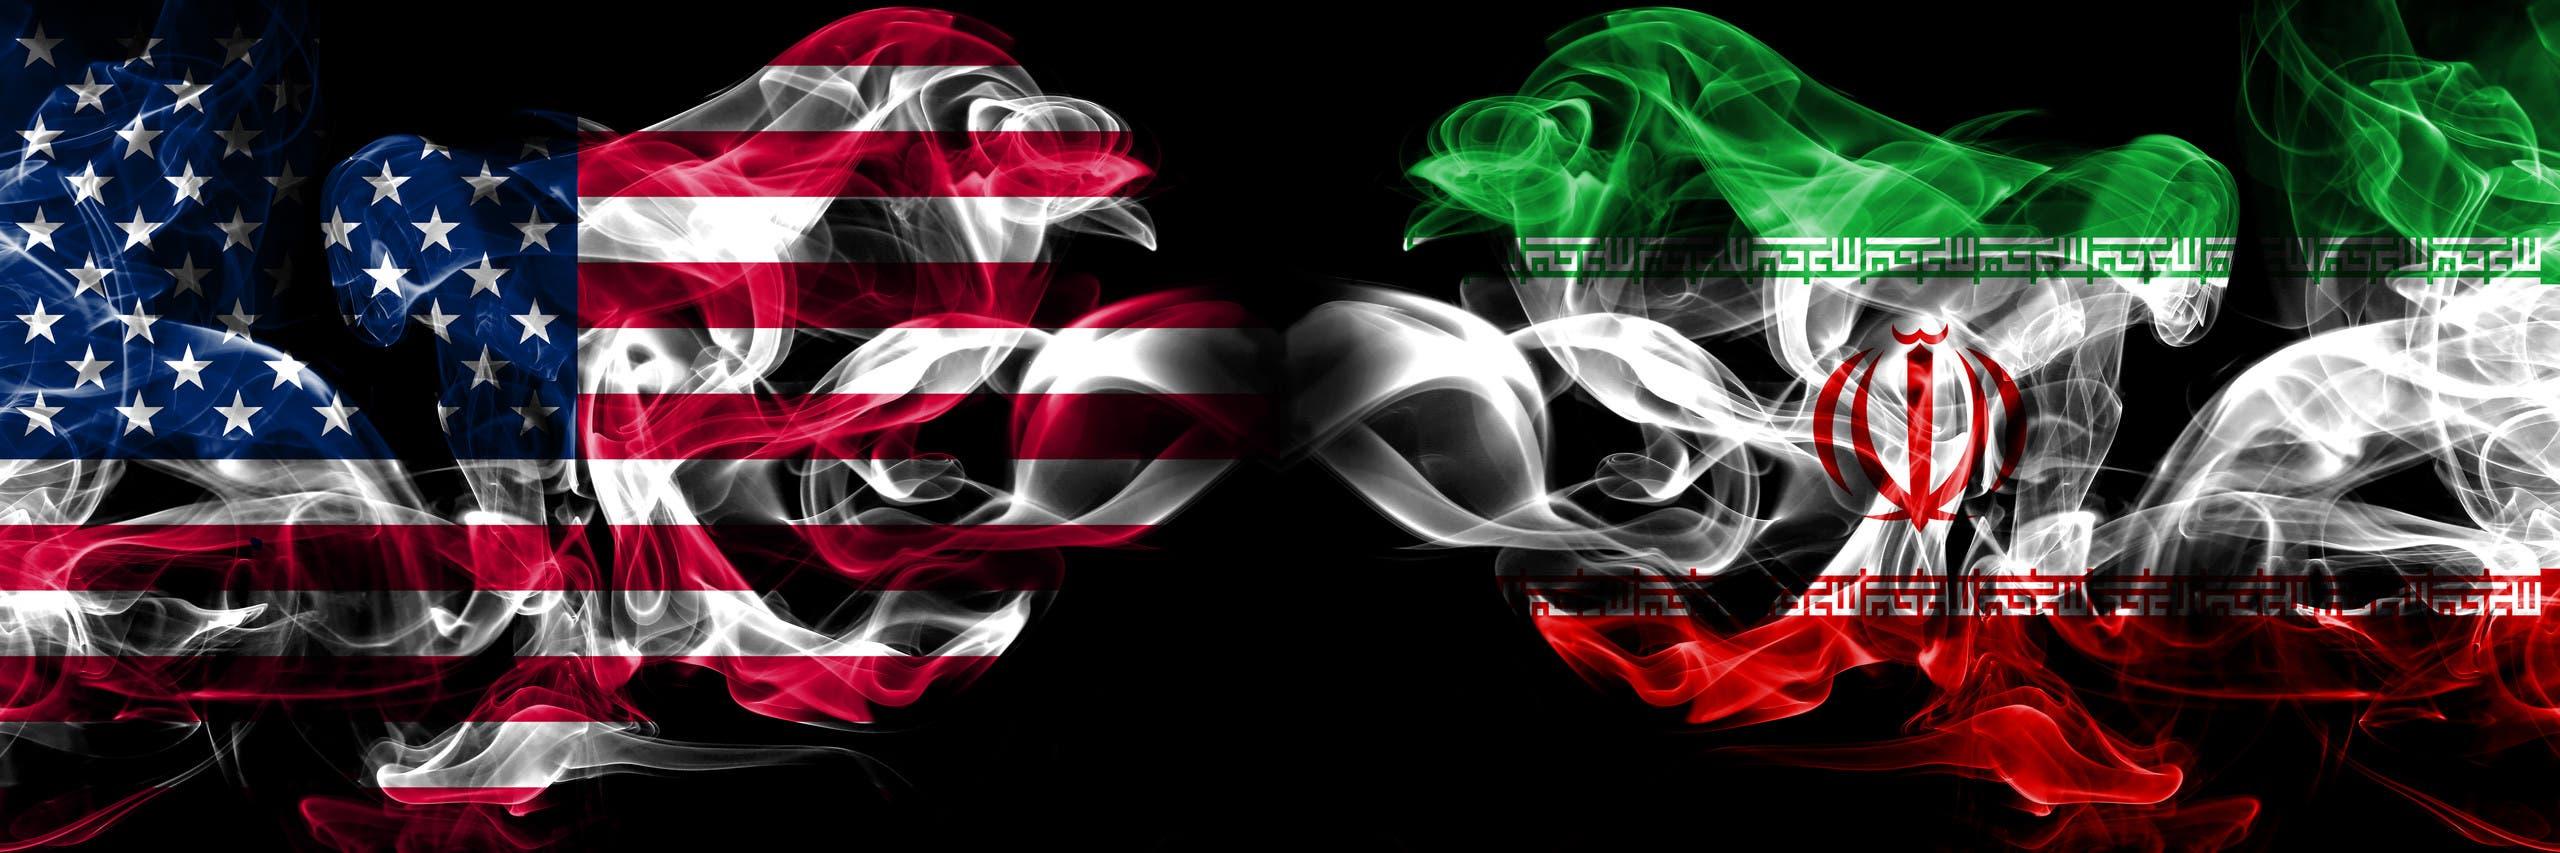 علما إيران وأميركا (istock)